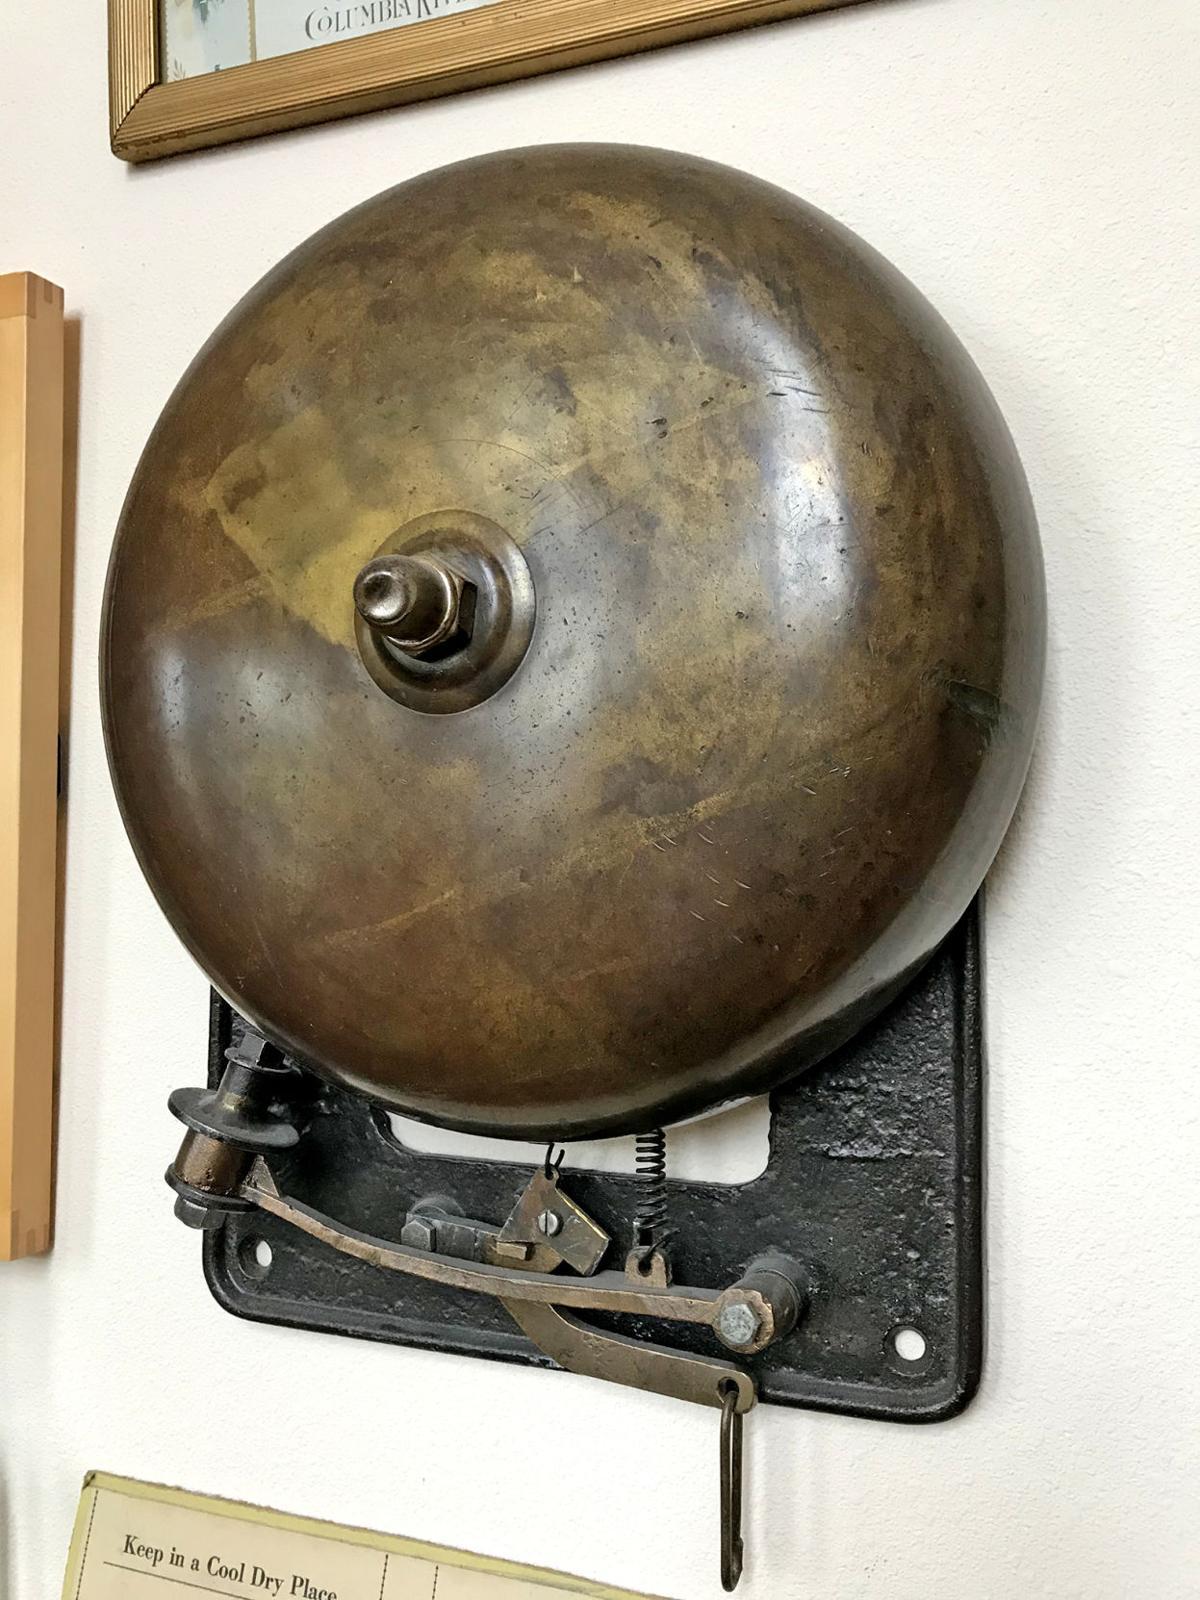 Hoist bell